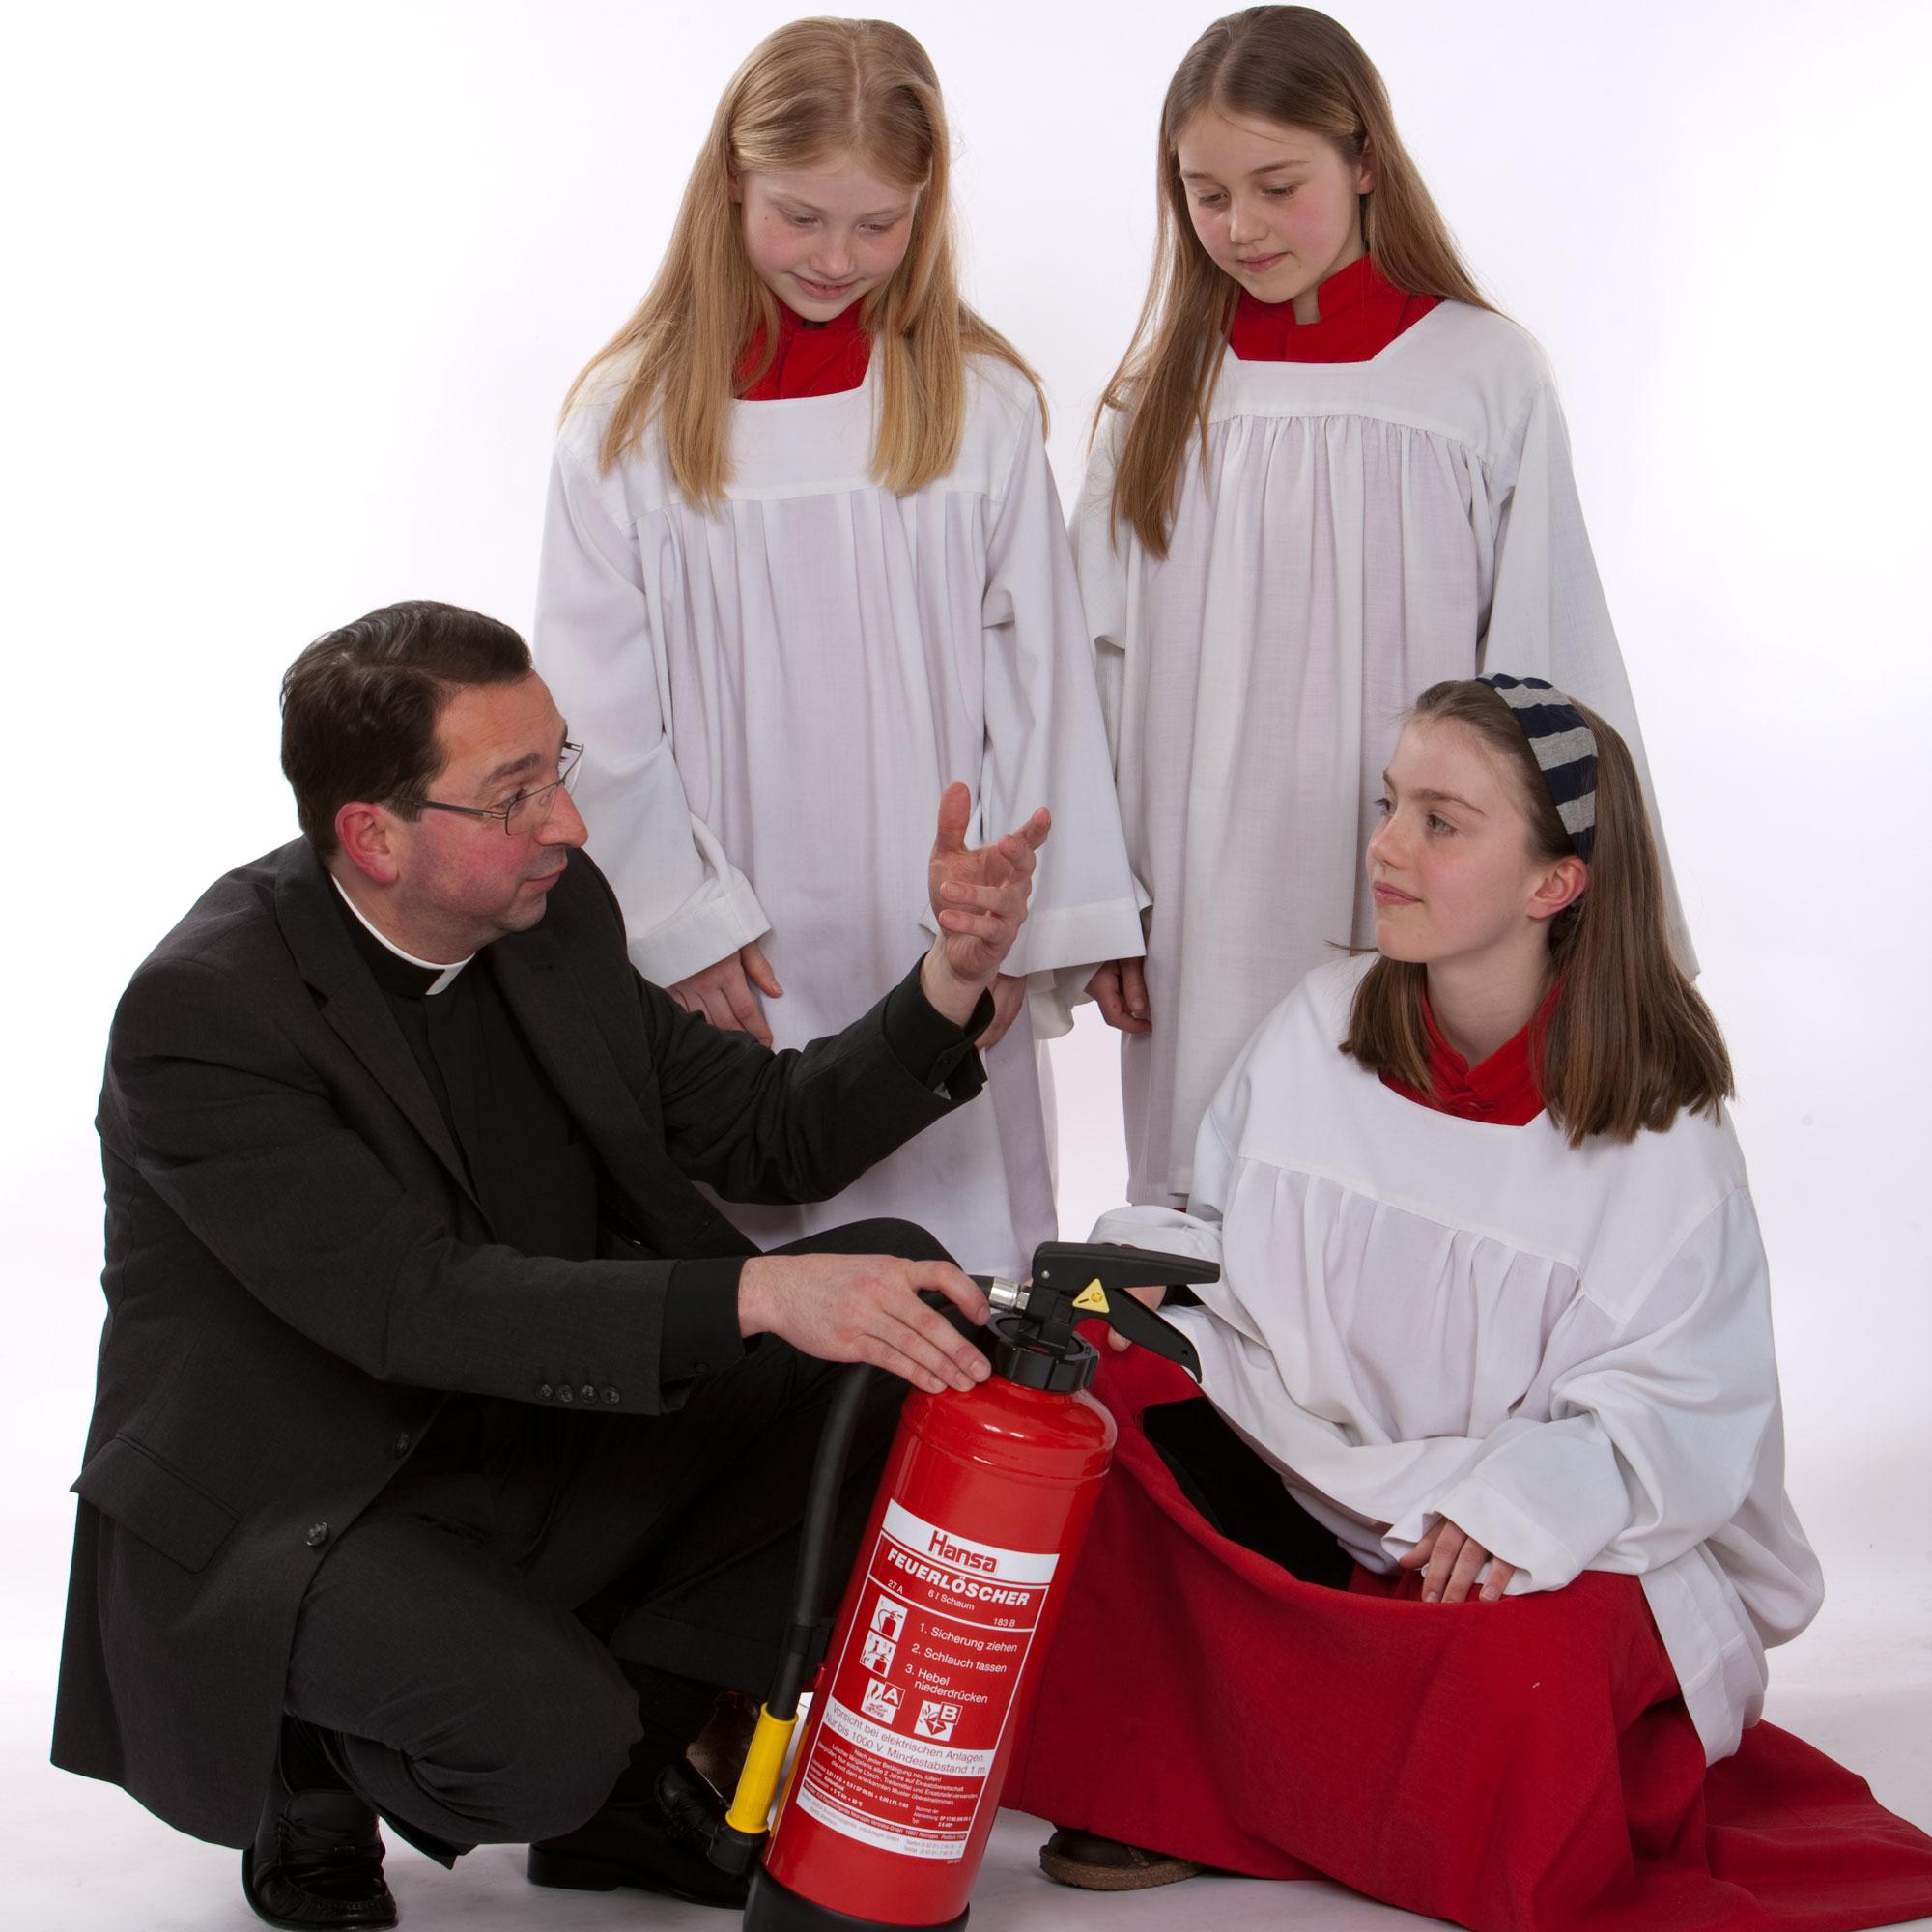 Minis sorgen für Sicherheit (c) Bistum Mainz